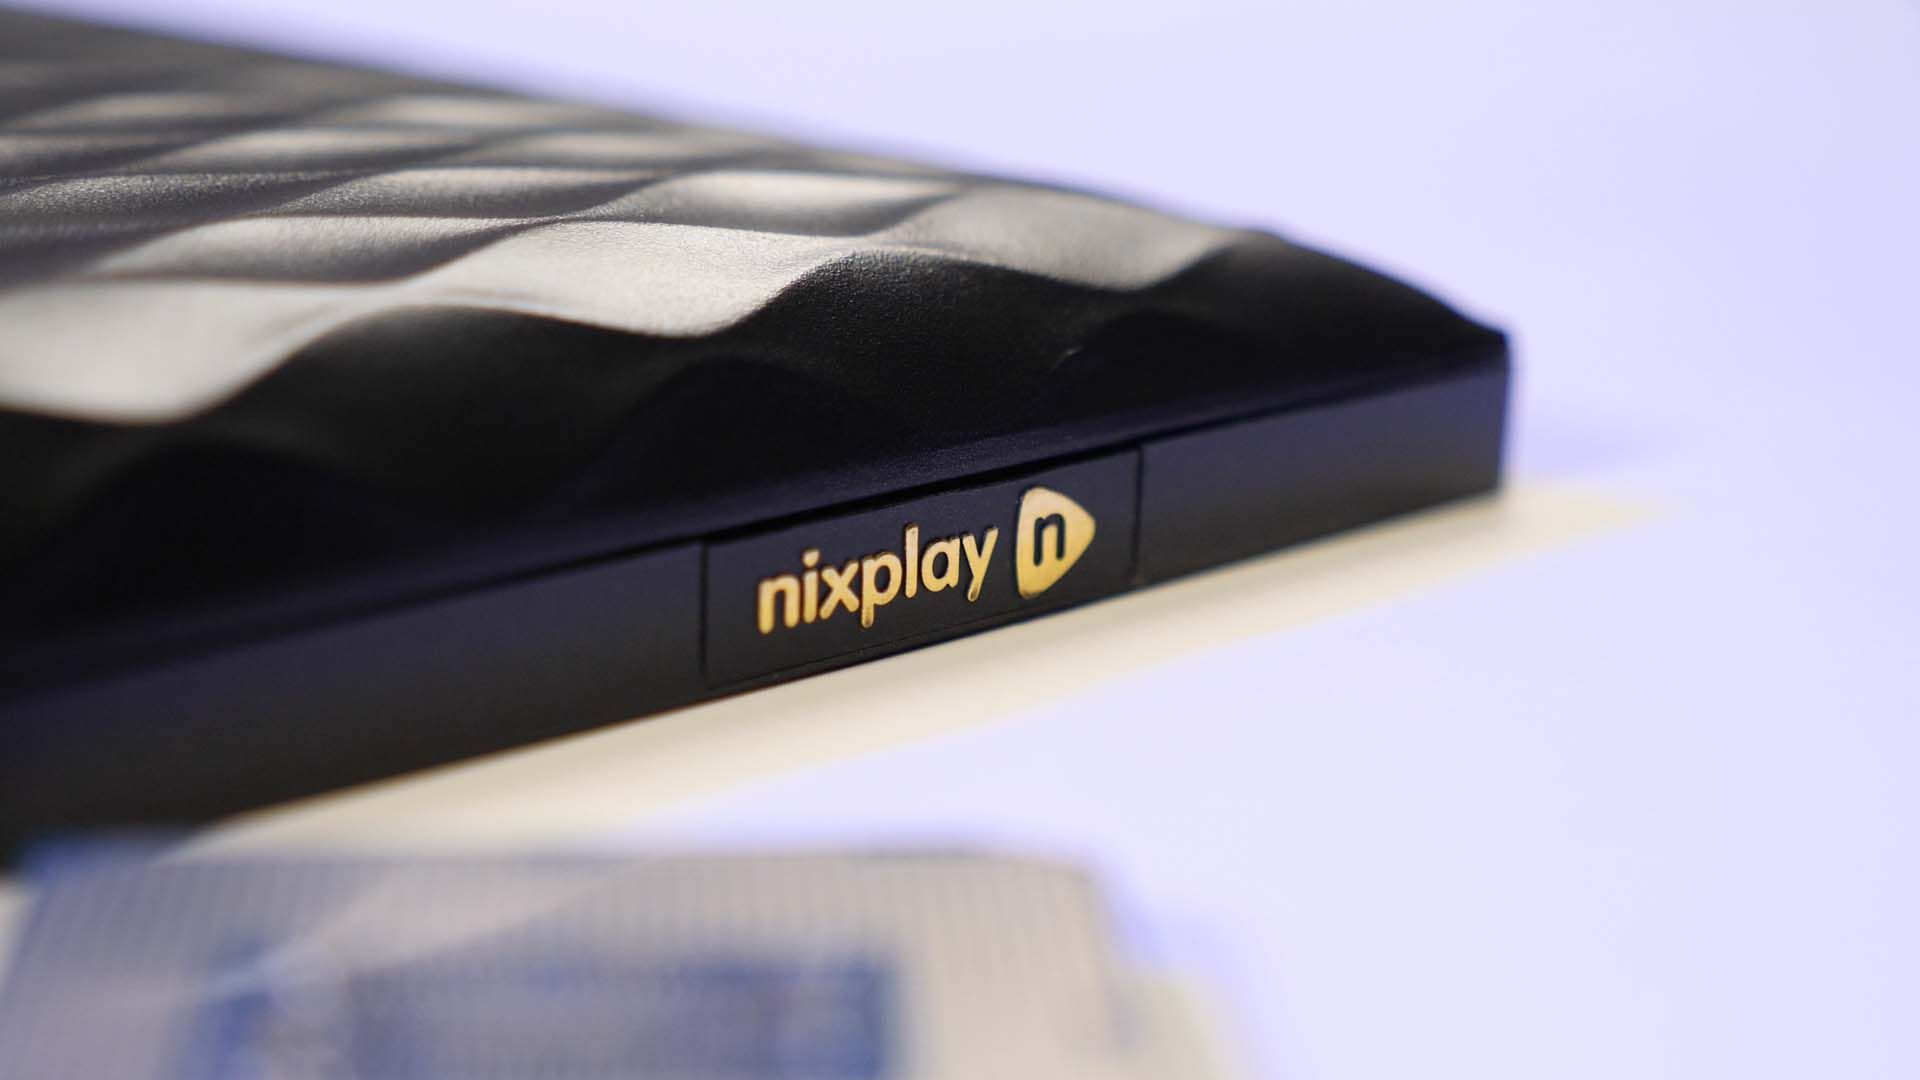 Nixplay N Side 2 - Nixplay N Smart Photo Frame Review